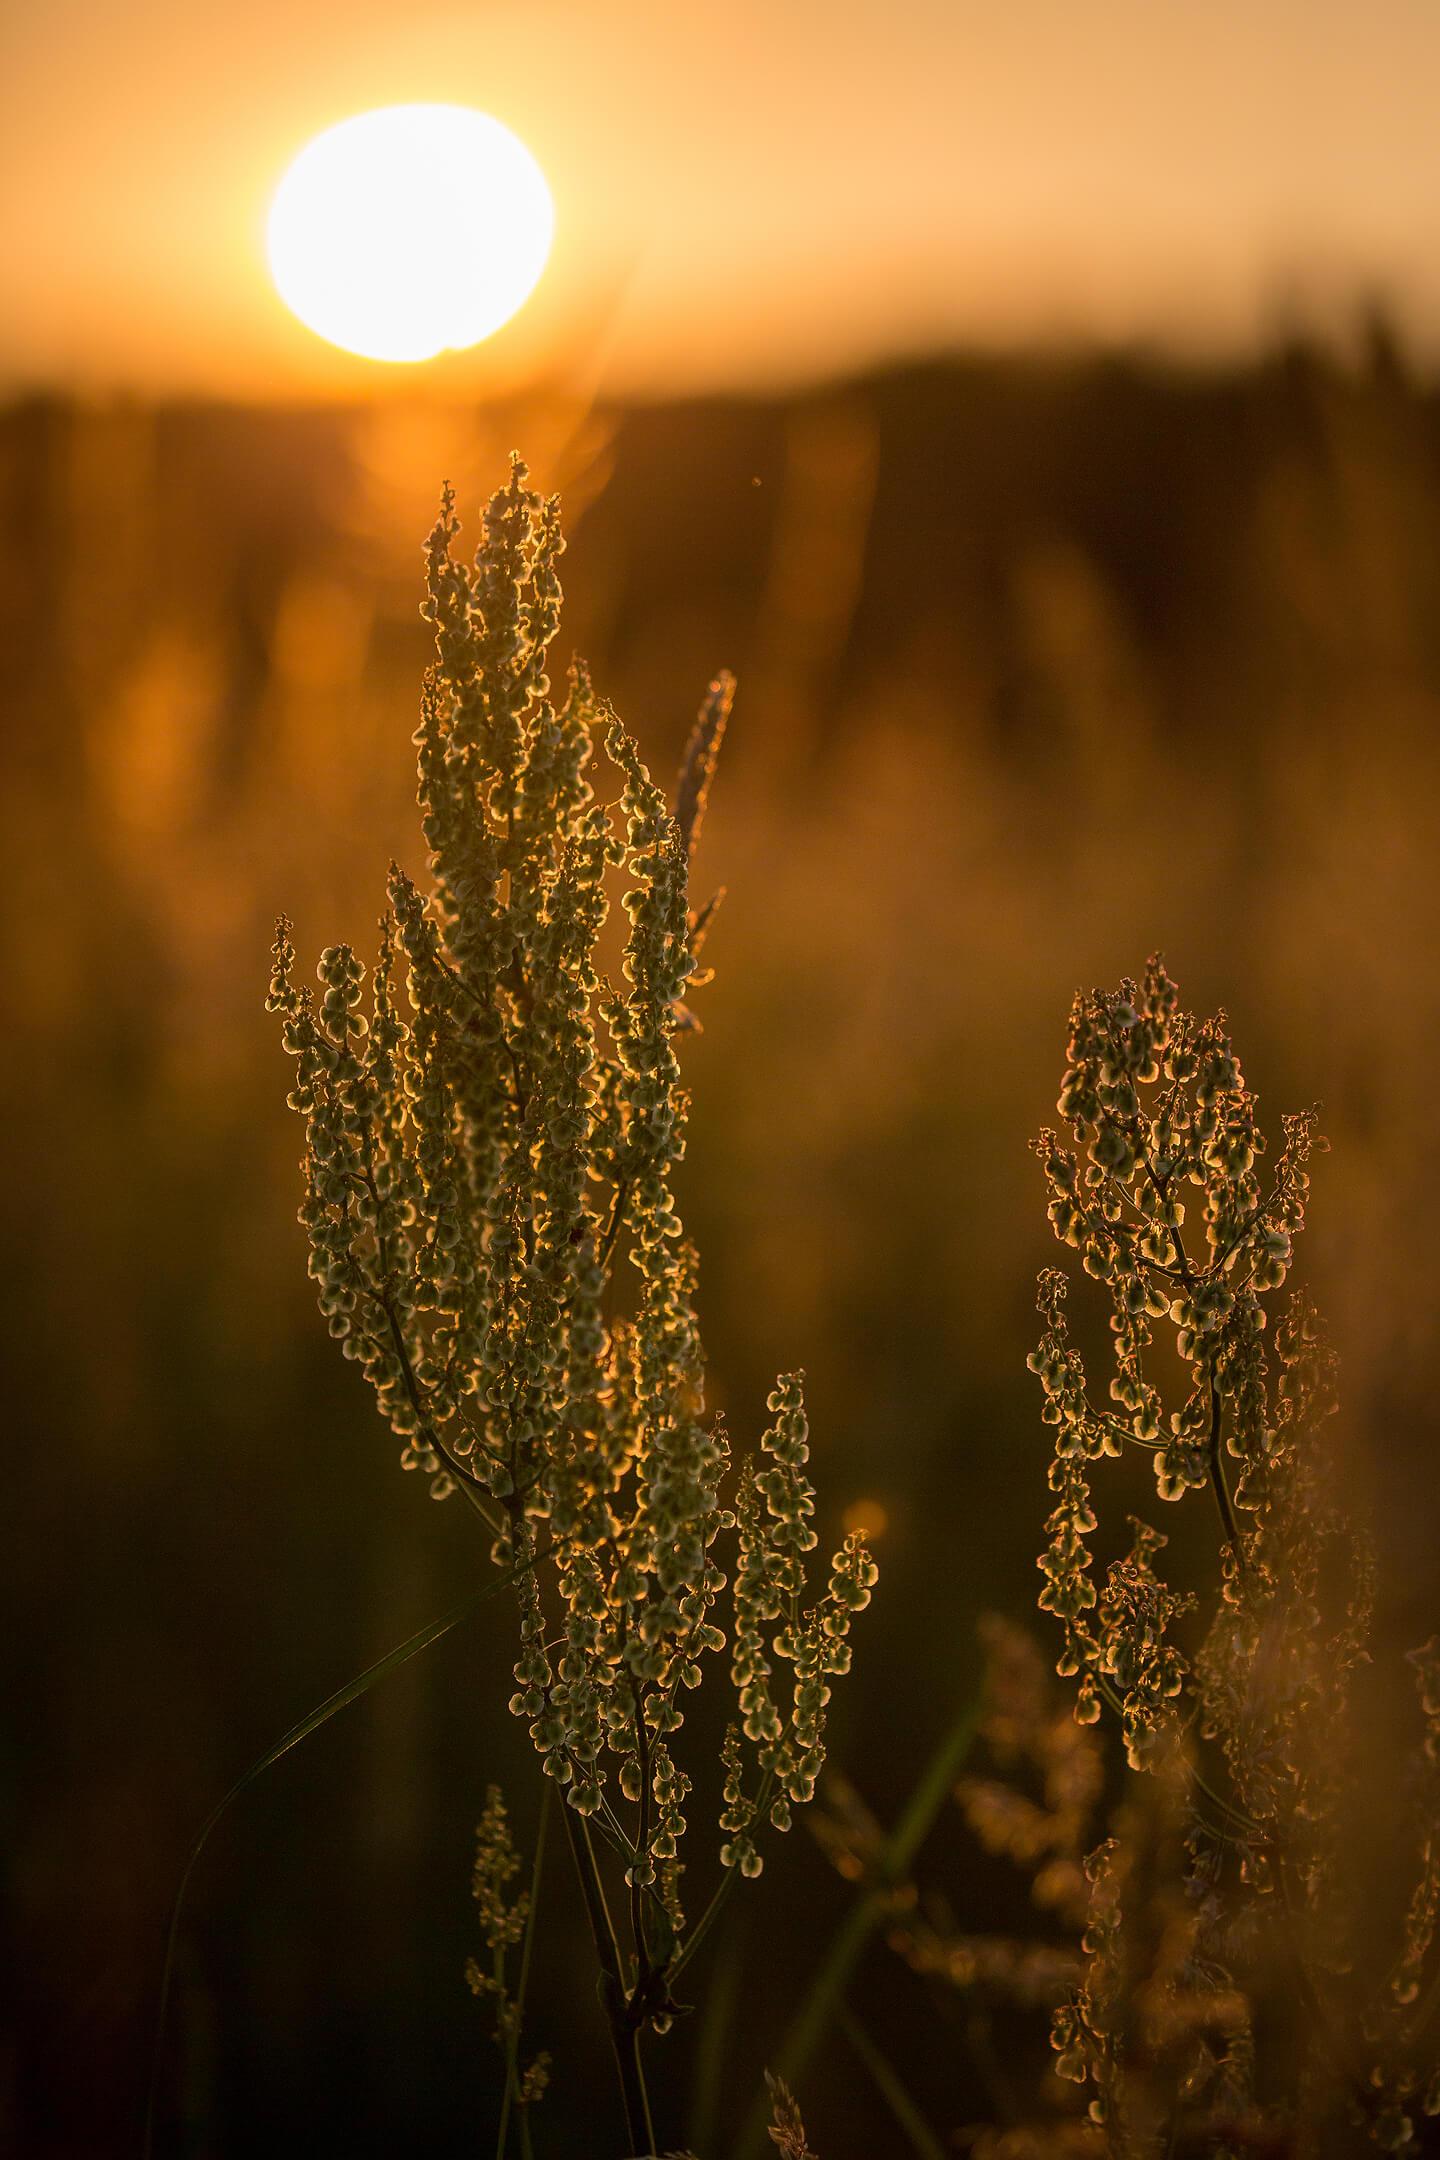 Detailaufnahme im Licht des Sonnenuntergangs